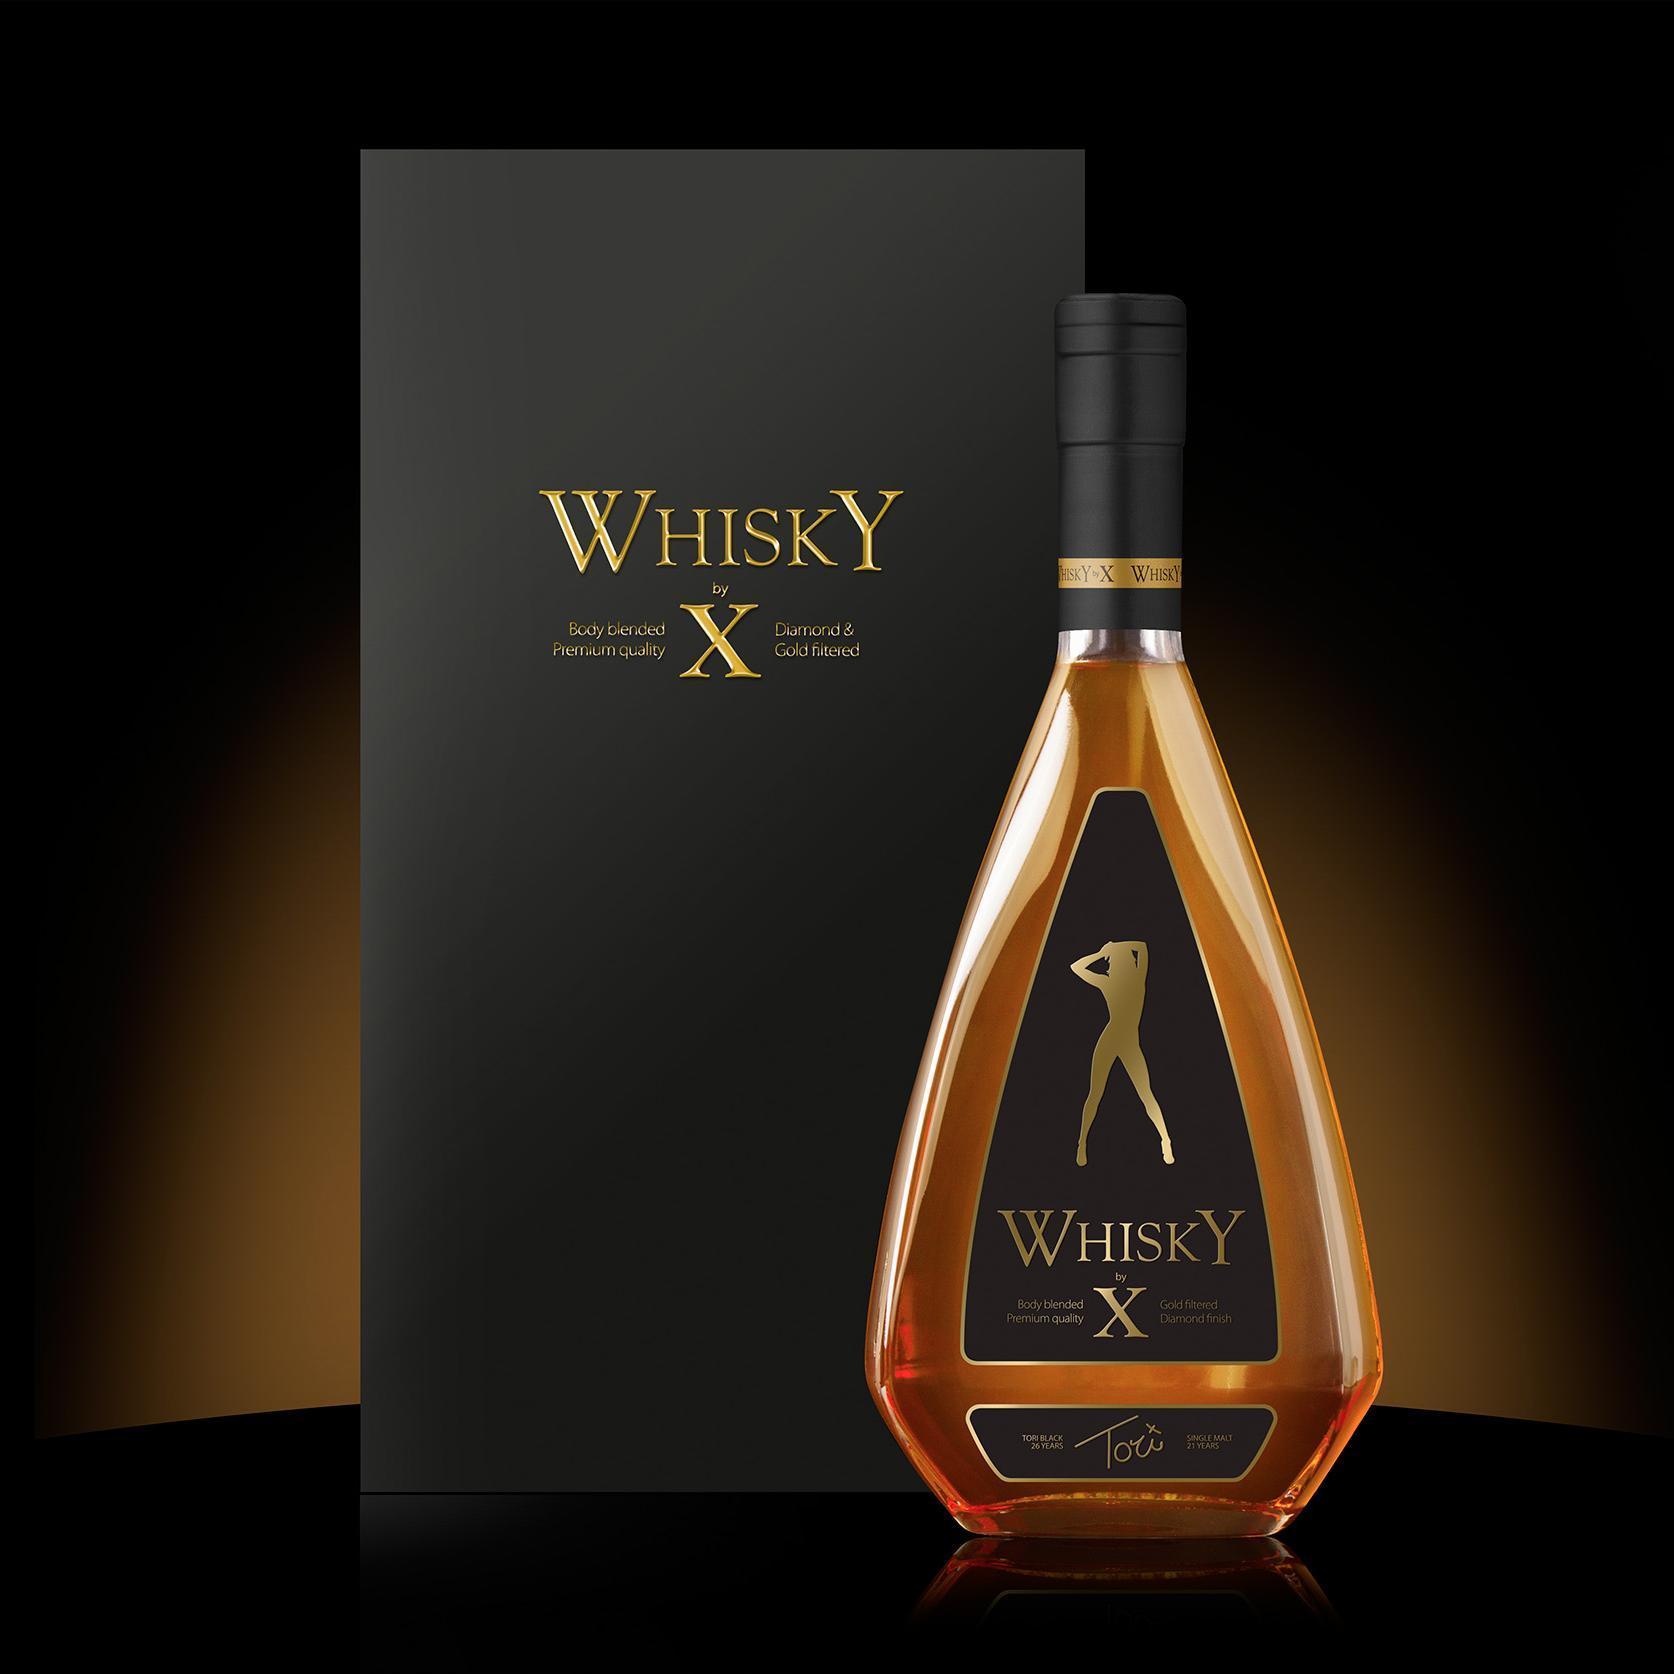 imageswhisky-19.jpg